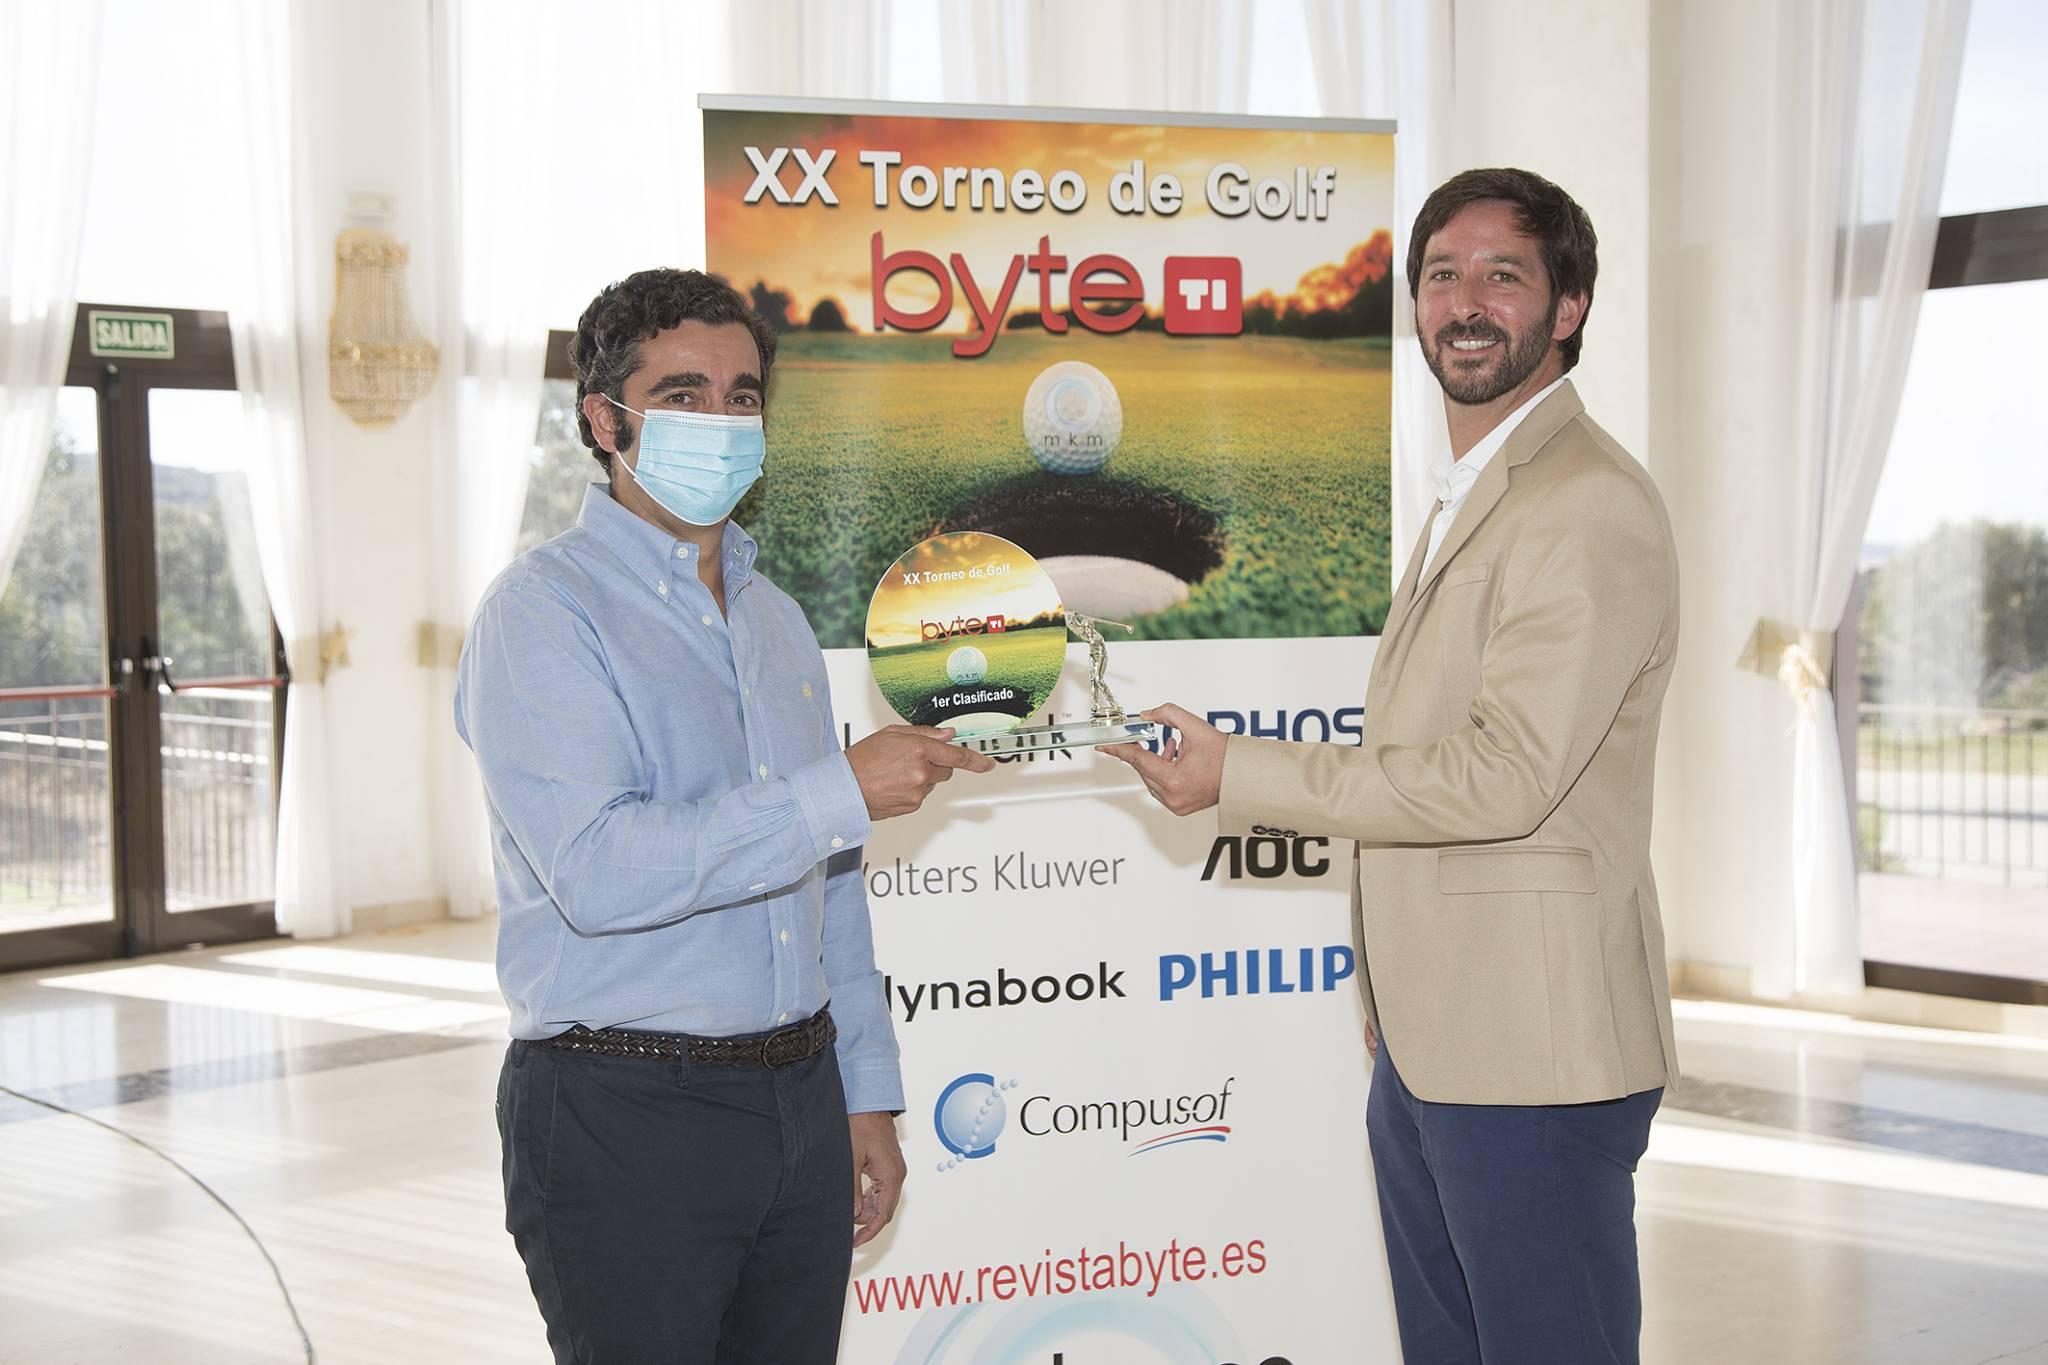 Moises Camarero, Director General Compusof, ganador Torneo de Golf Byte TI 2020. Entrega Nacho Sáez, Managing Director de MKM-PUblicaciones.